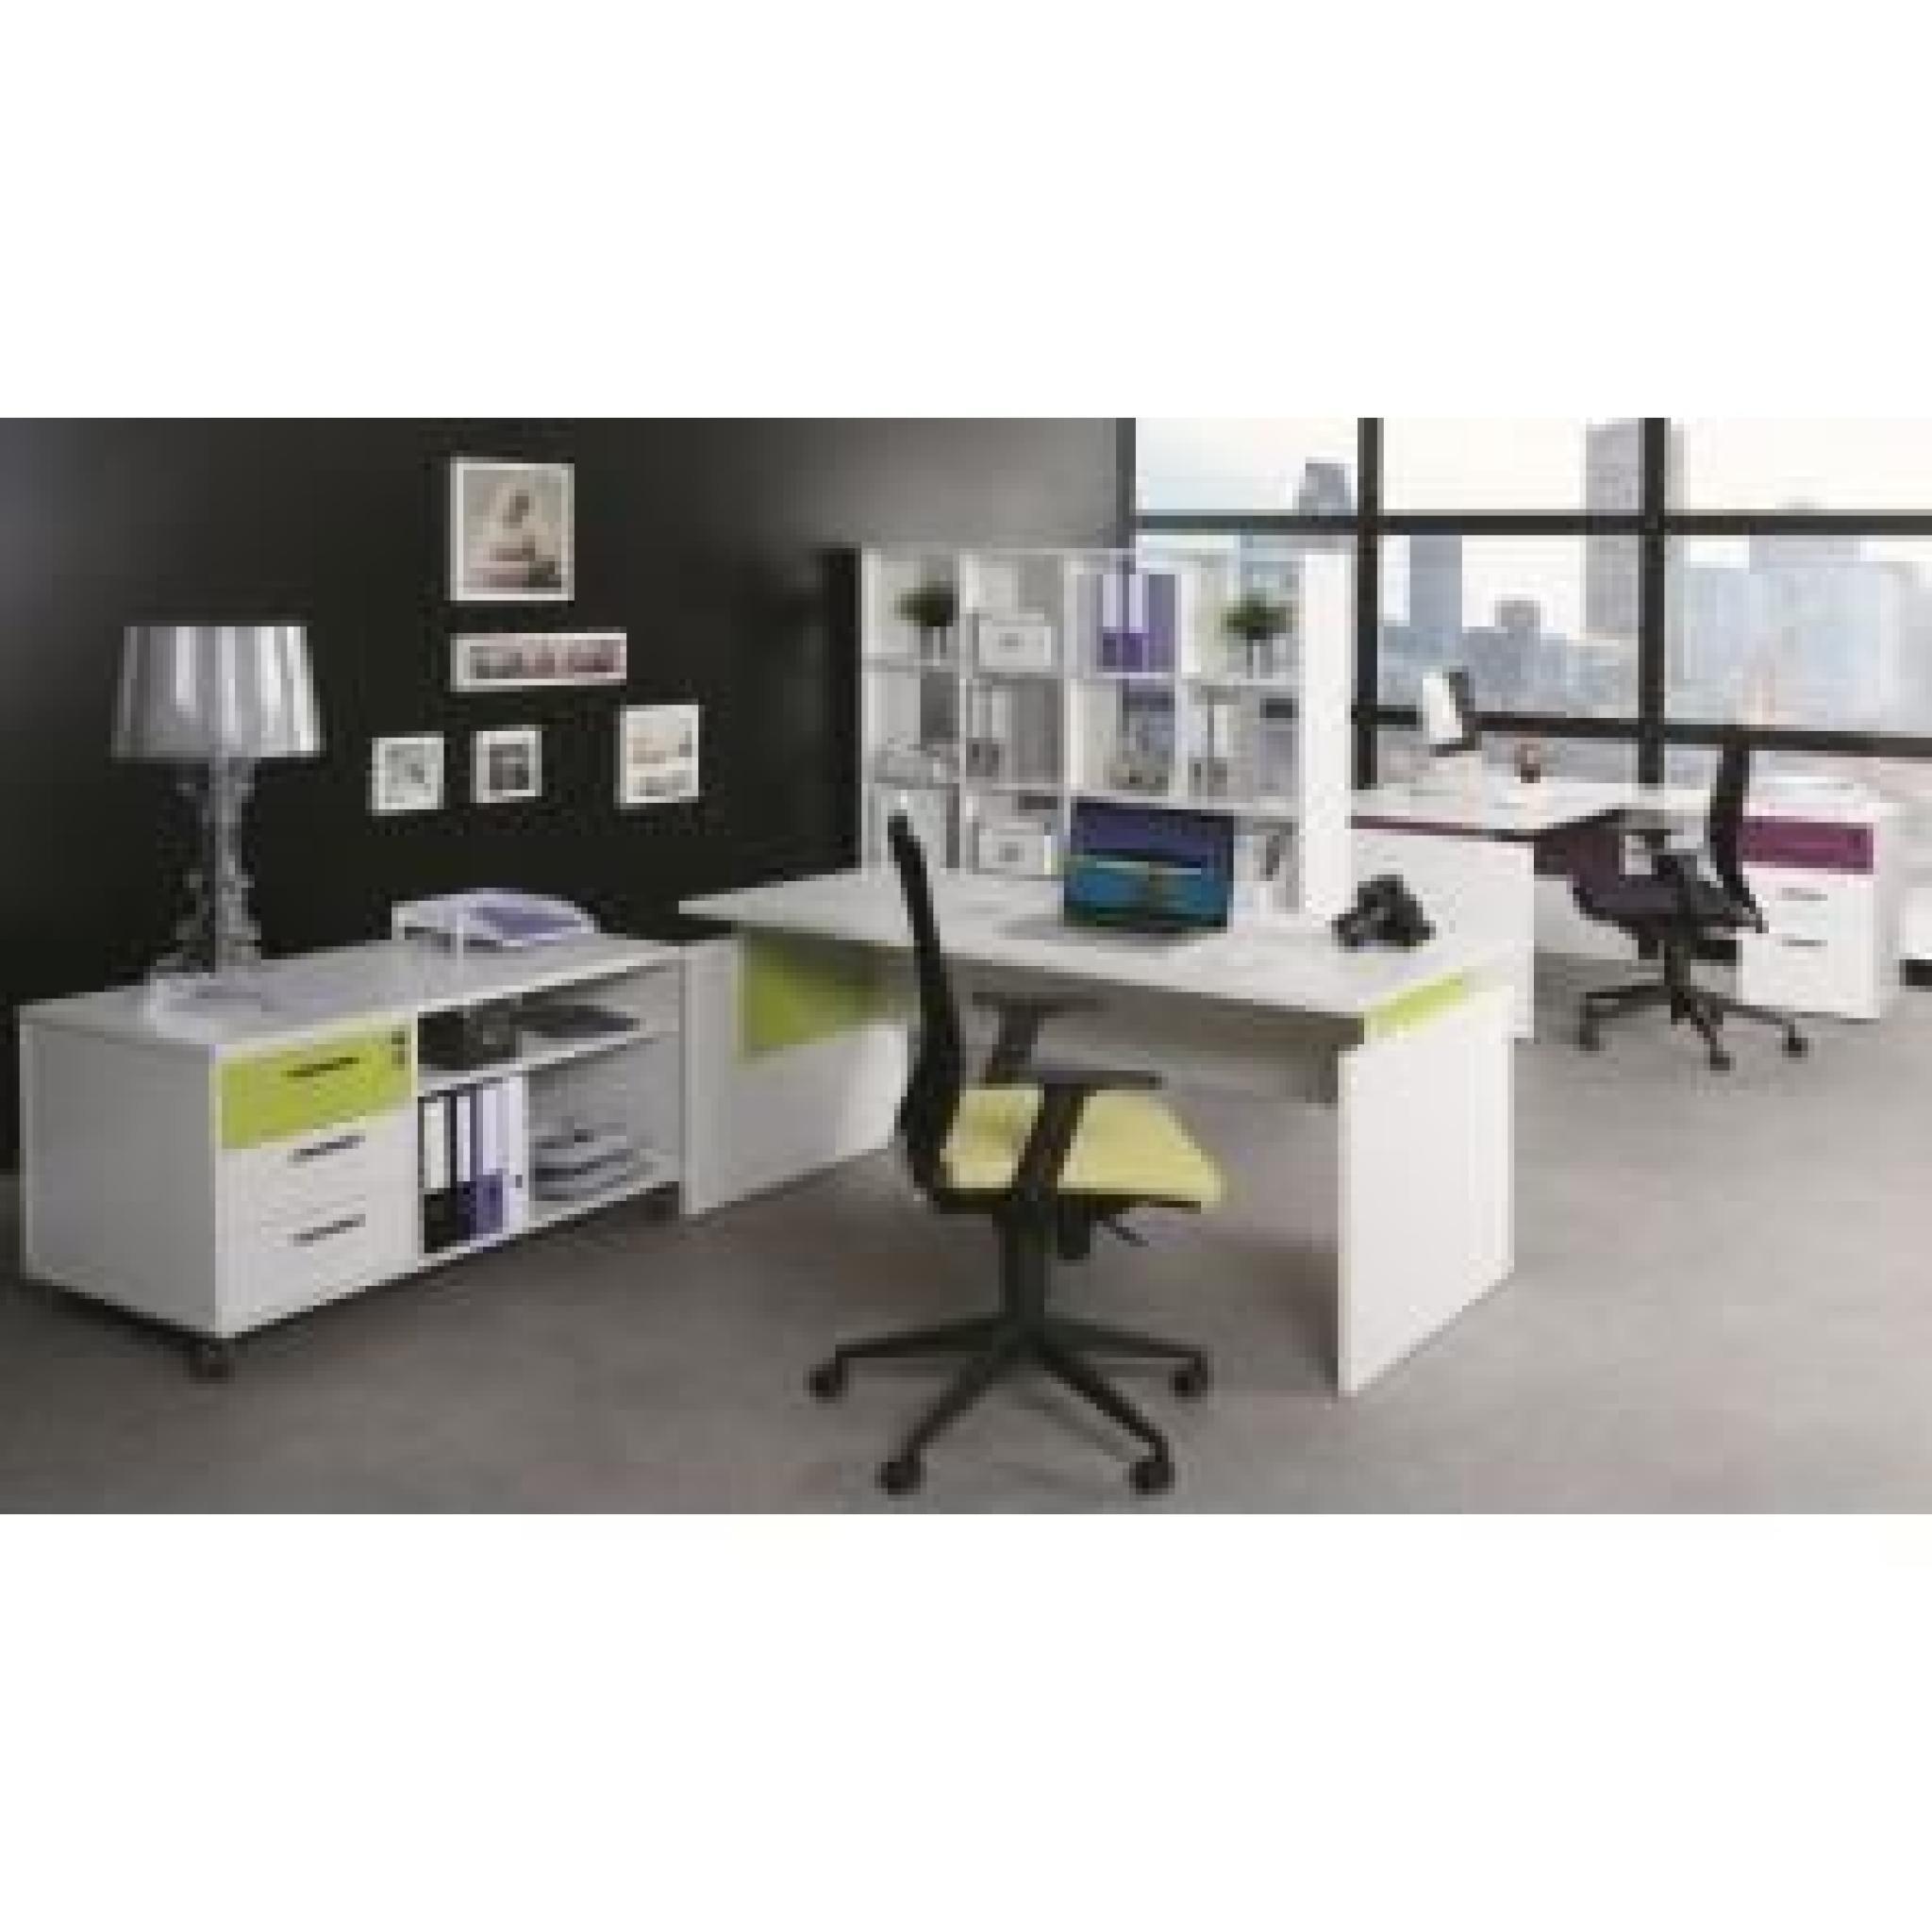 Armoire de bureau basse 2 portes blanc ch ne clair ineo achat vente armoire de chambre pas - Table basse chene clair pas cher ...